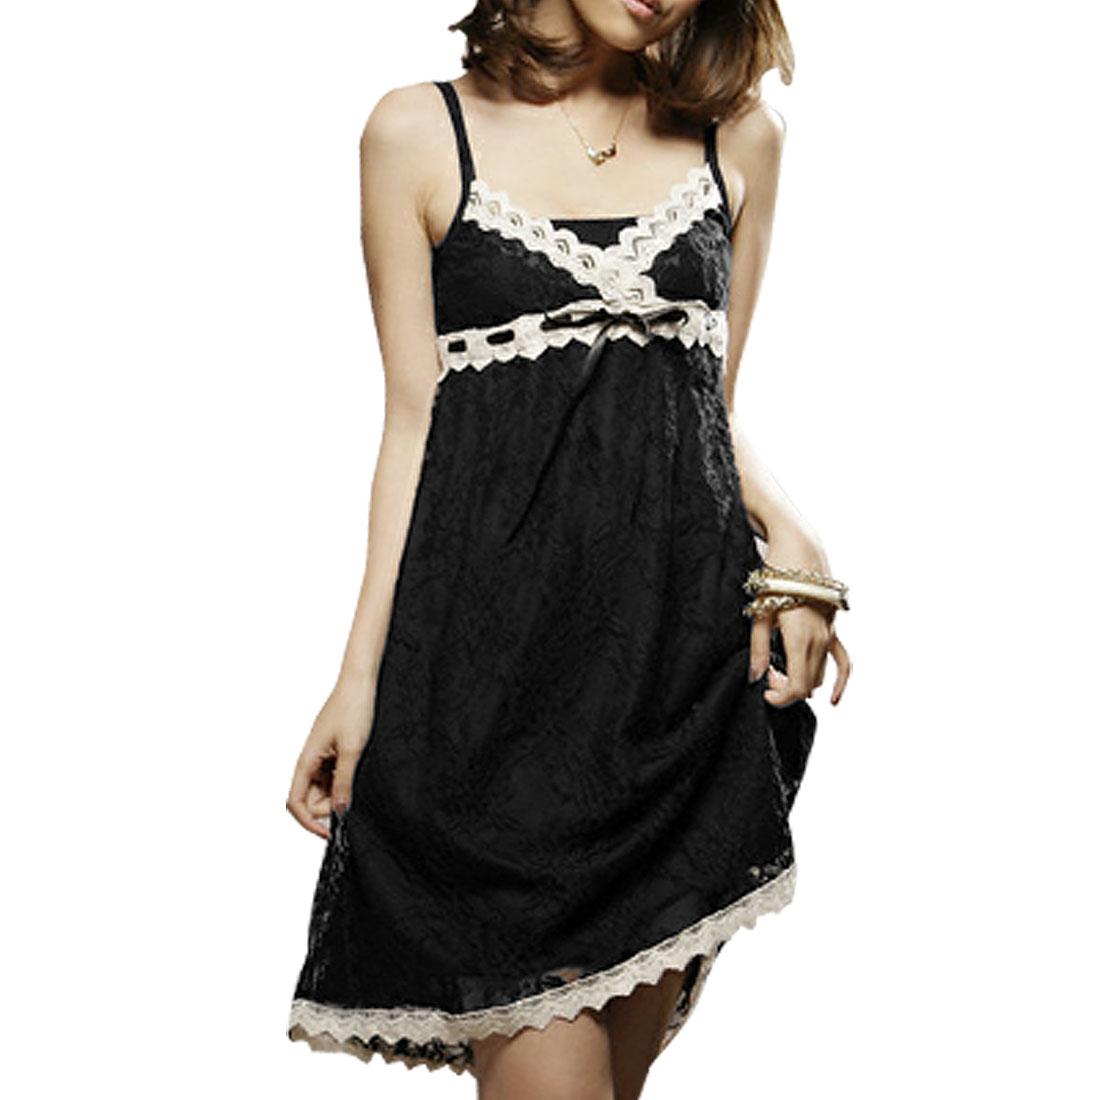 Black Crossover V Neck Mesh Weave Adjustable Straps Size XS Slip Dress for Lady